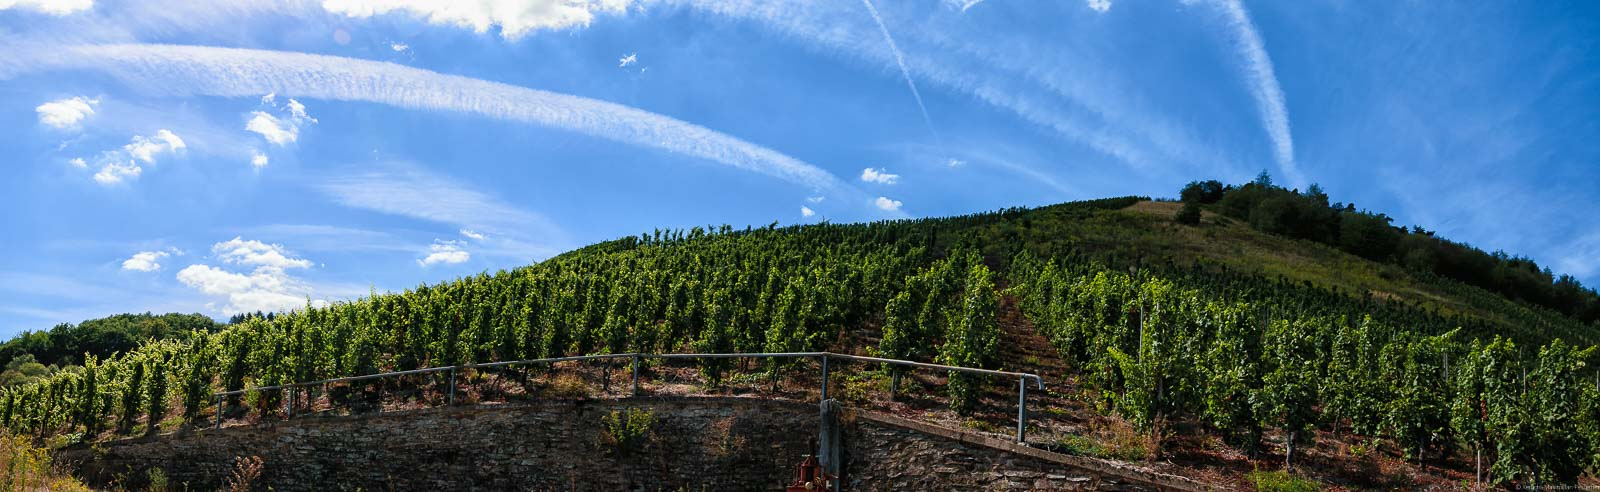 Vor ist ein Weg mit einer hohen Mauer dahinter. Auf der Mauer ist der Weinberg Schleicher Sonnenberg. Oben am blauen Himmel befinden sich Wolken.